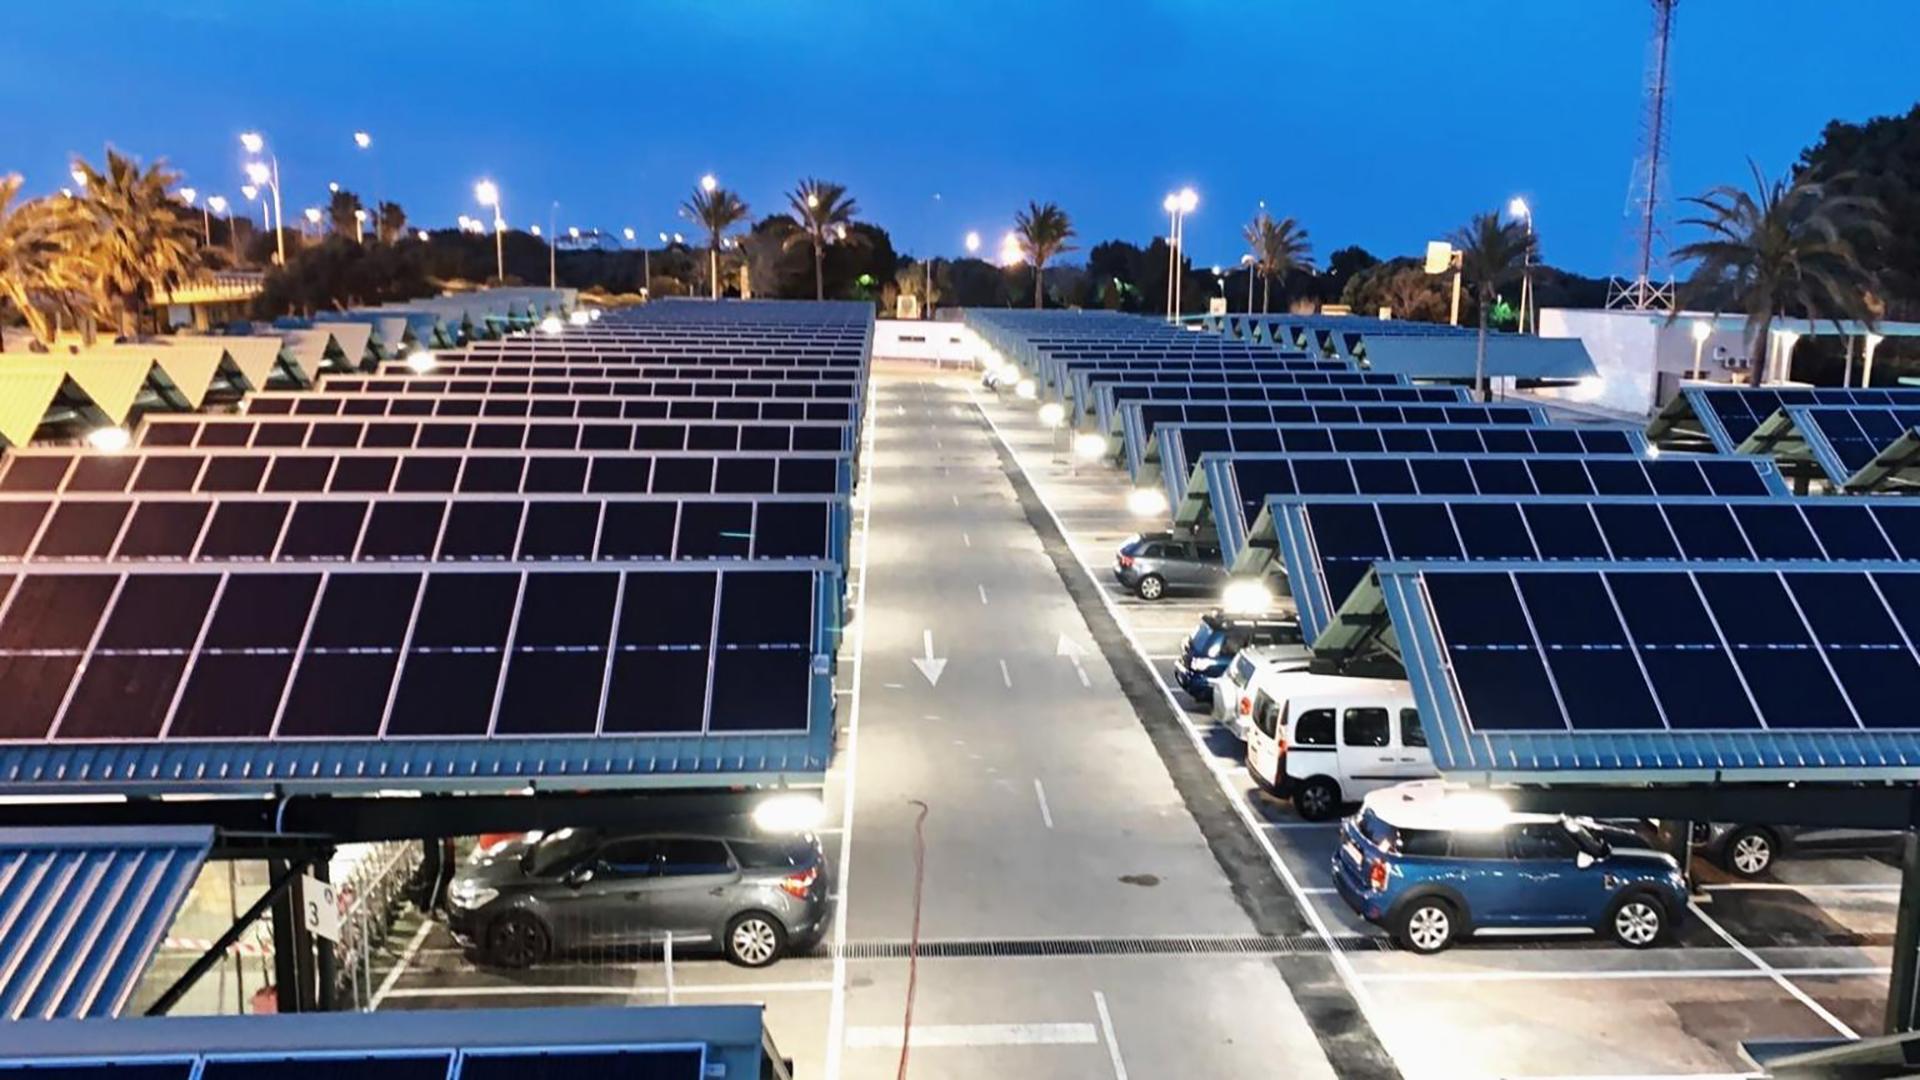 Instalación de autoconsumo fotovoltaico en Aeropuerto de Menorca